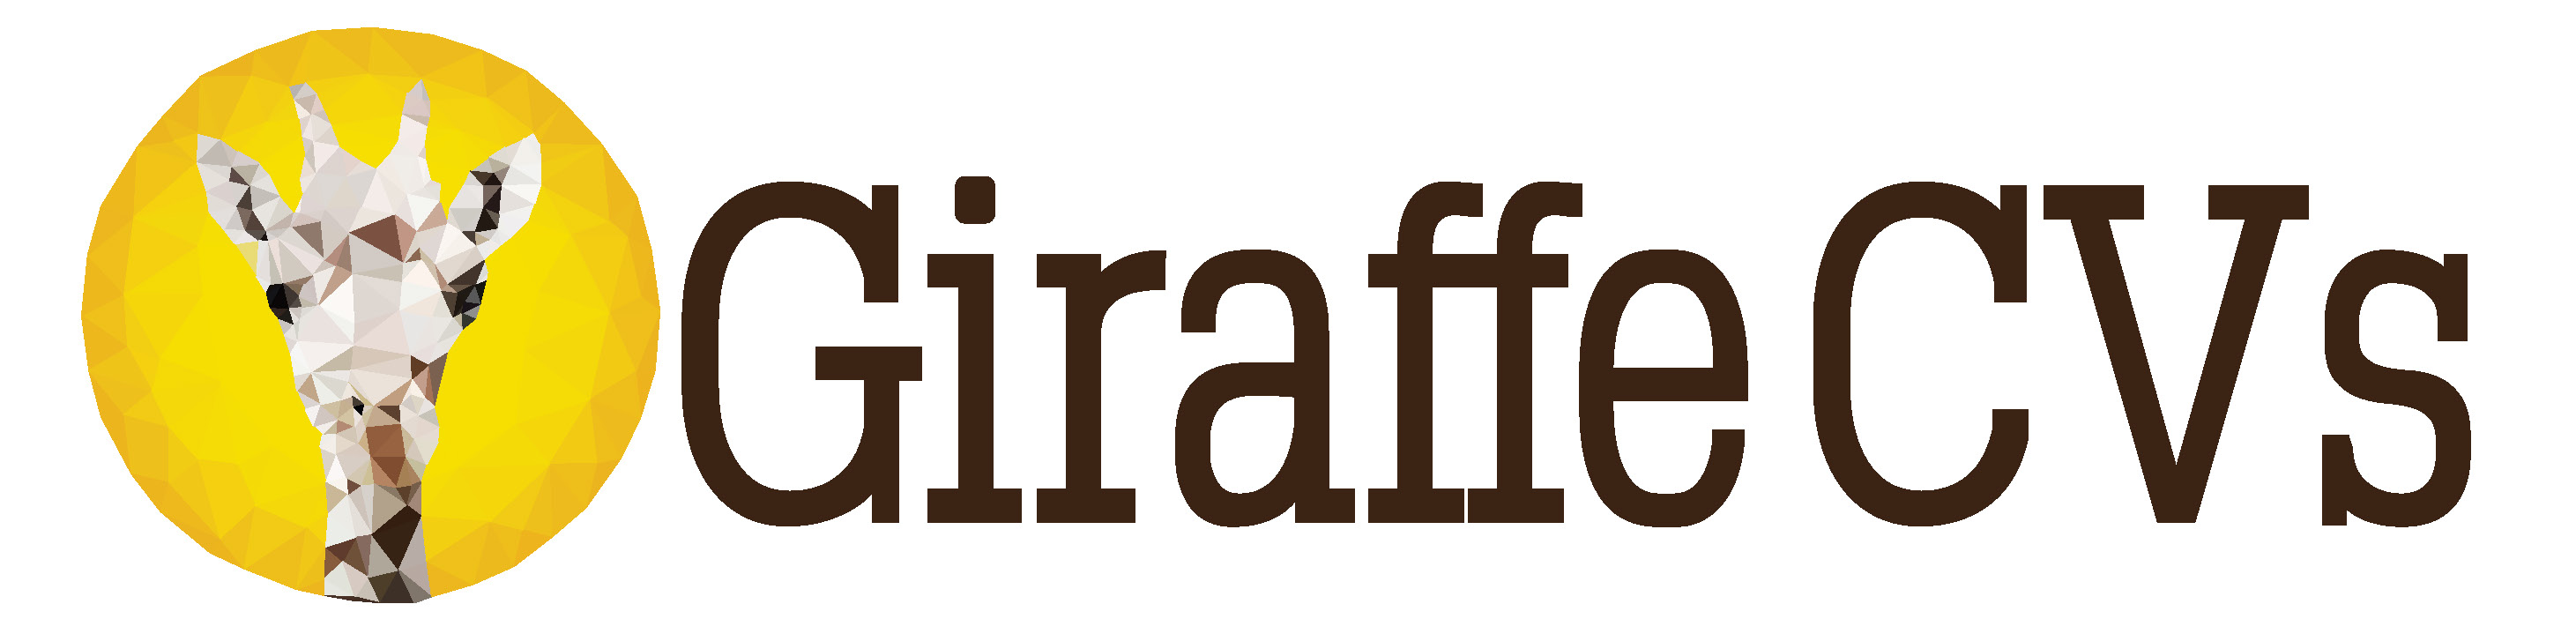 Giraffe CVs